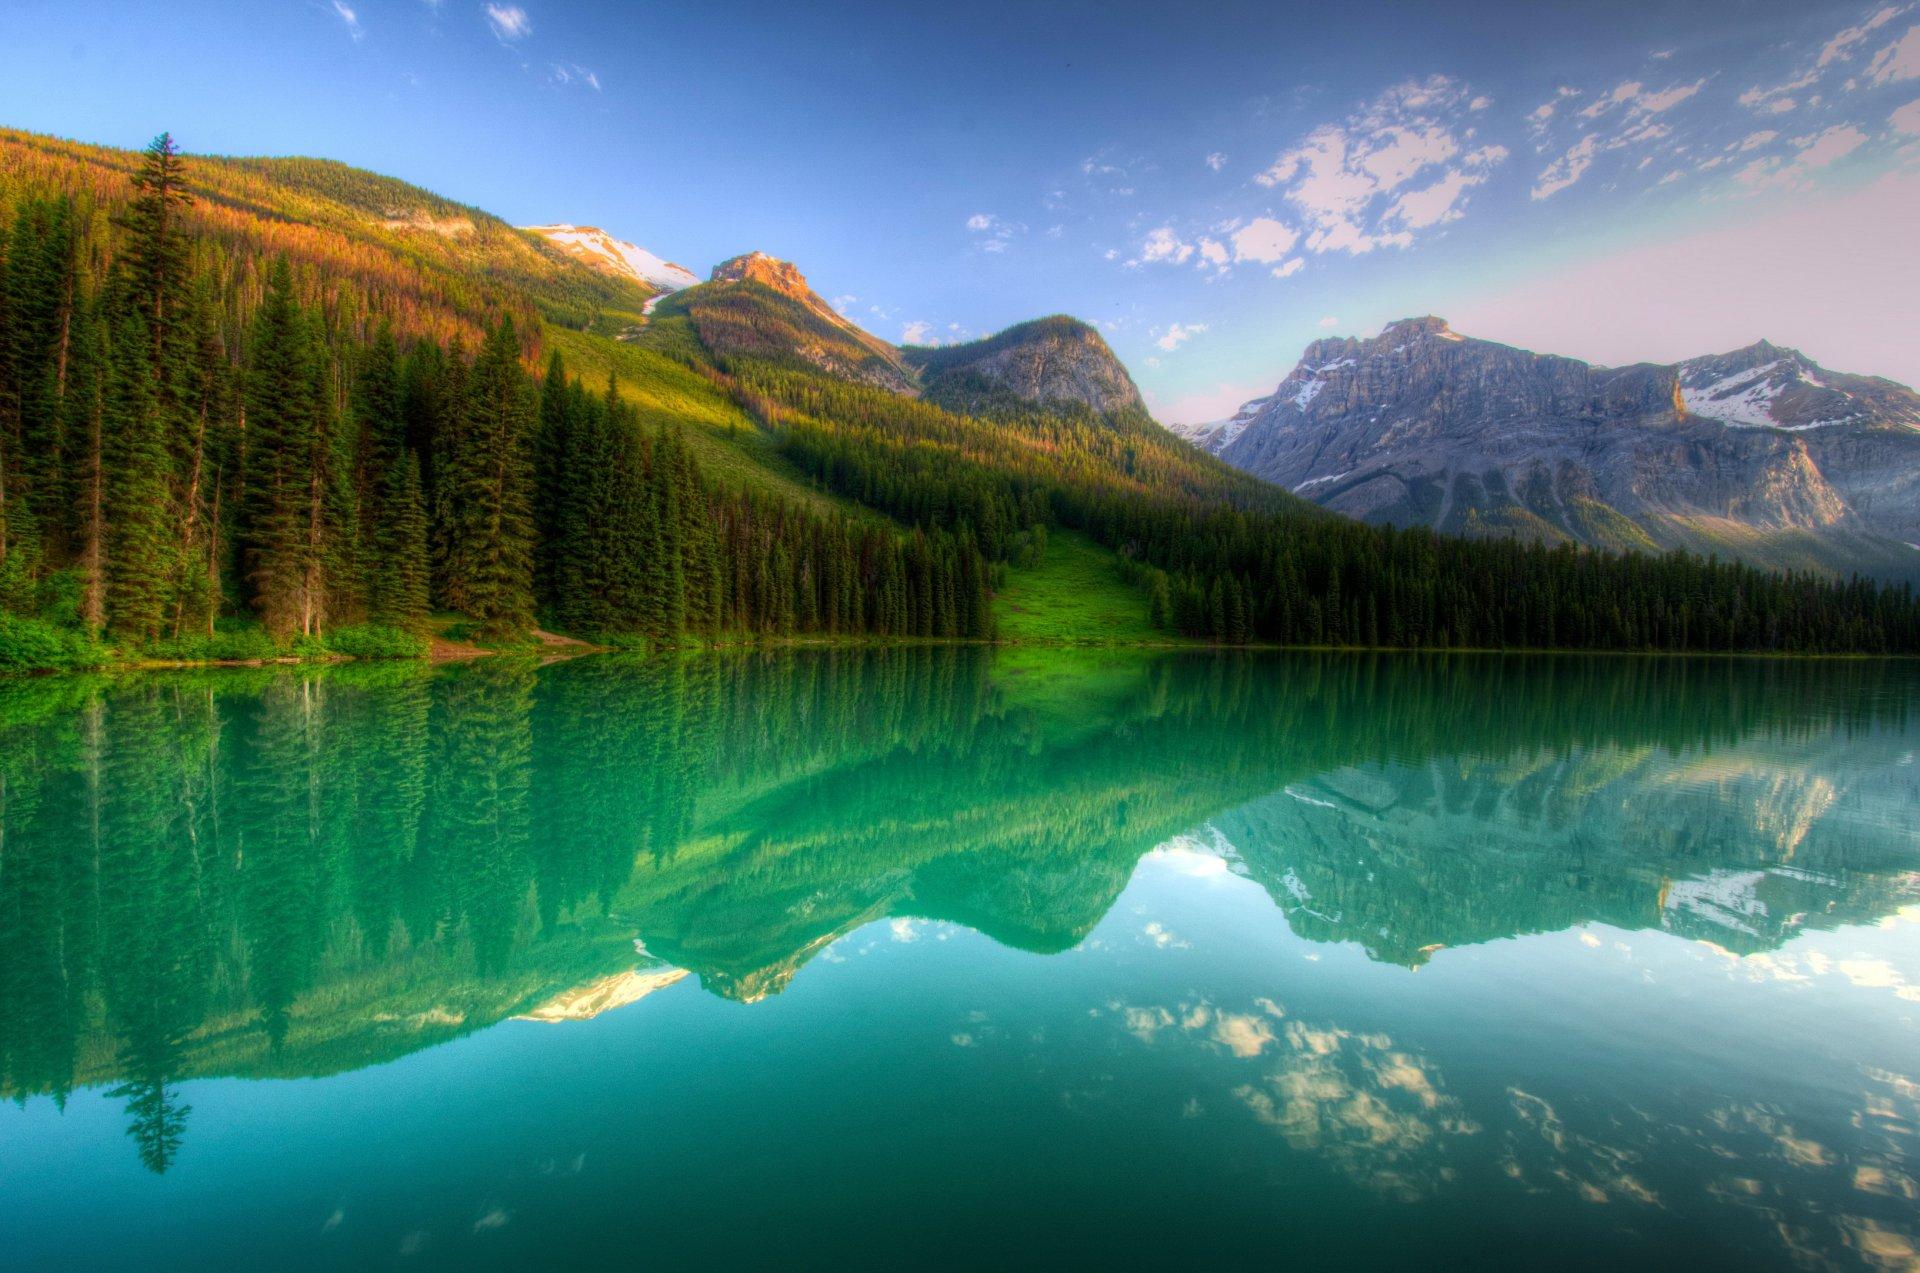 Картинки красивые большие на весь экран природа